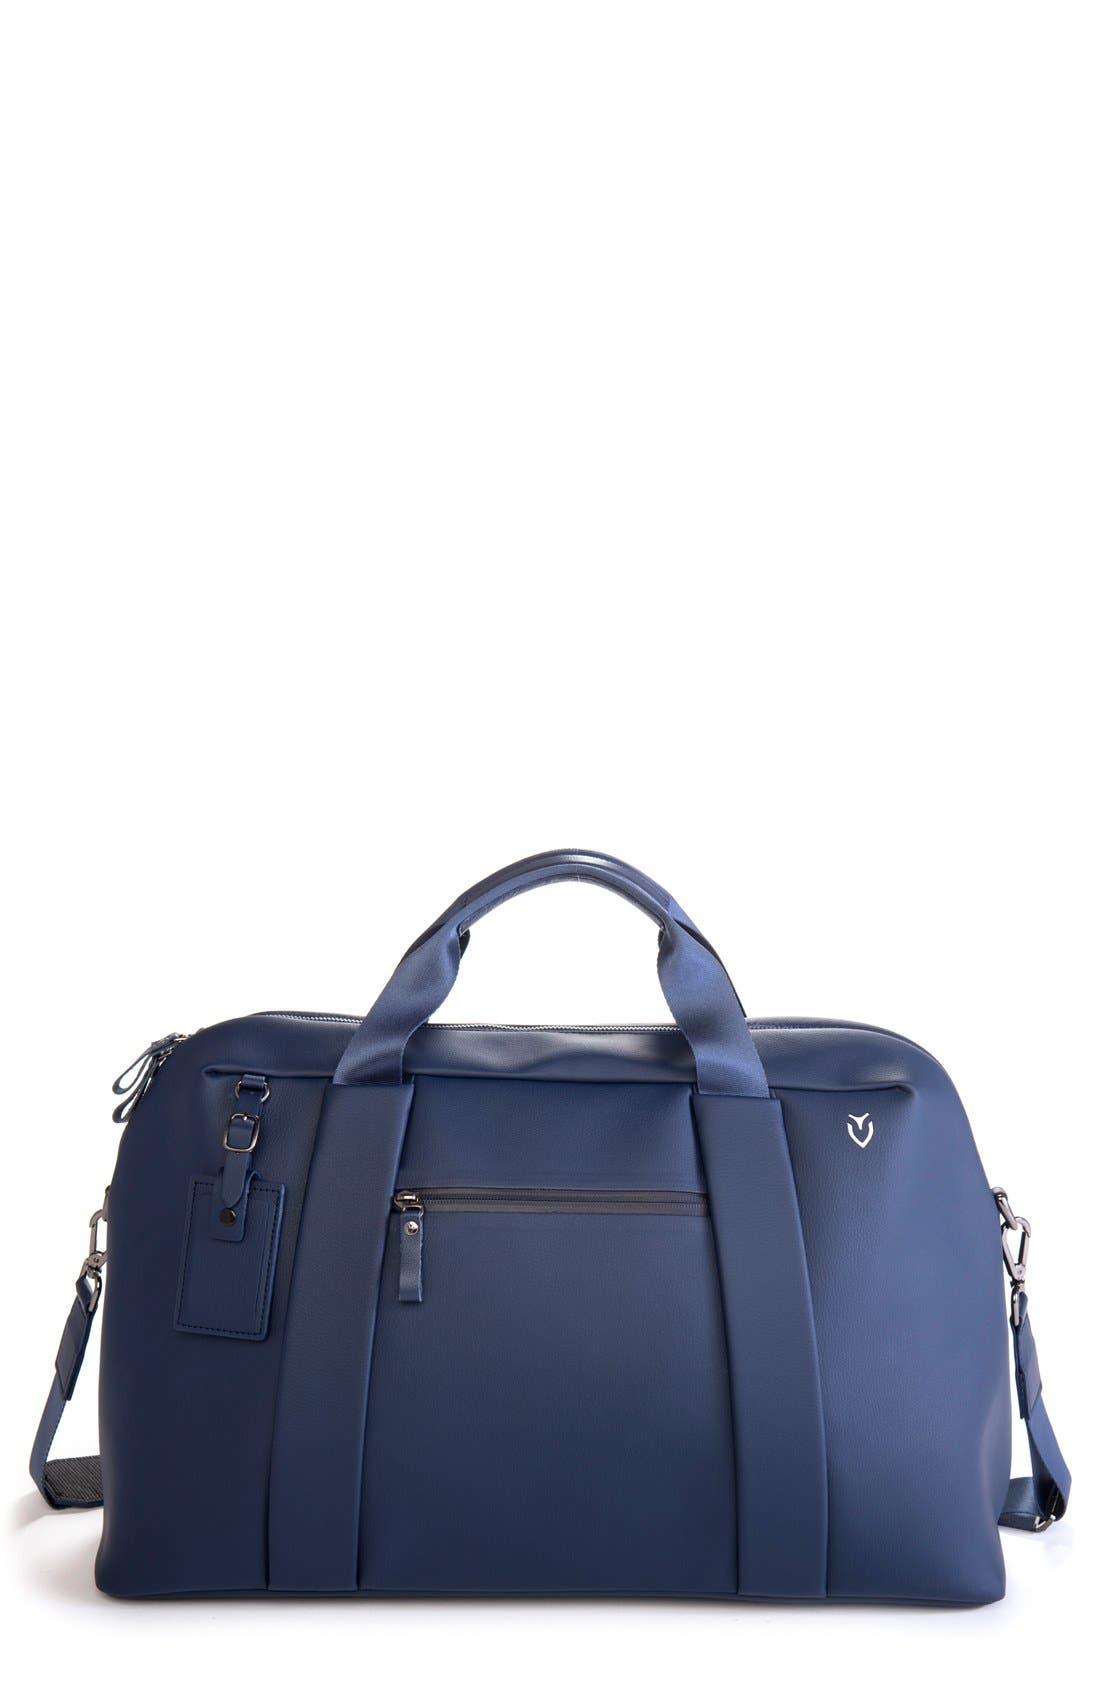 Alternate Image 1 Selected - Vessel 'Signature' Large Duffel Bag